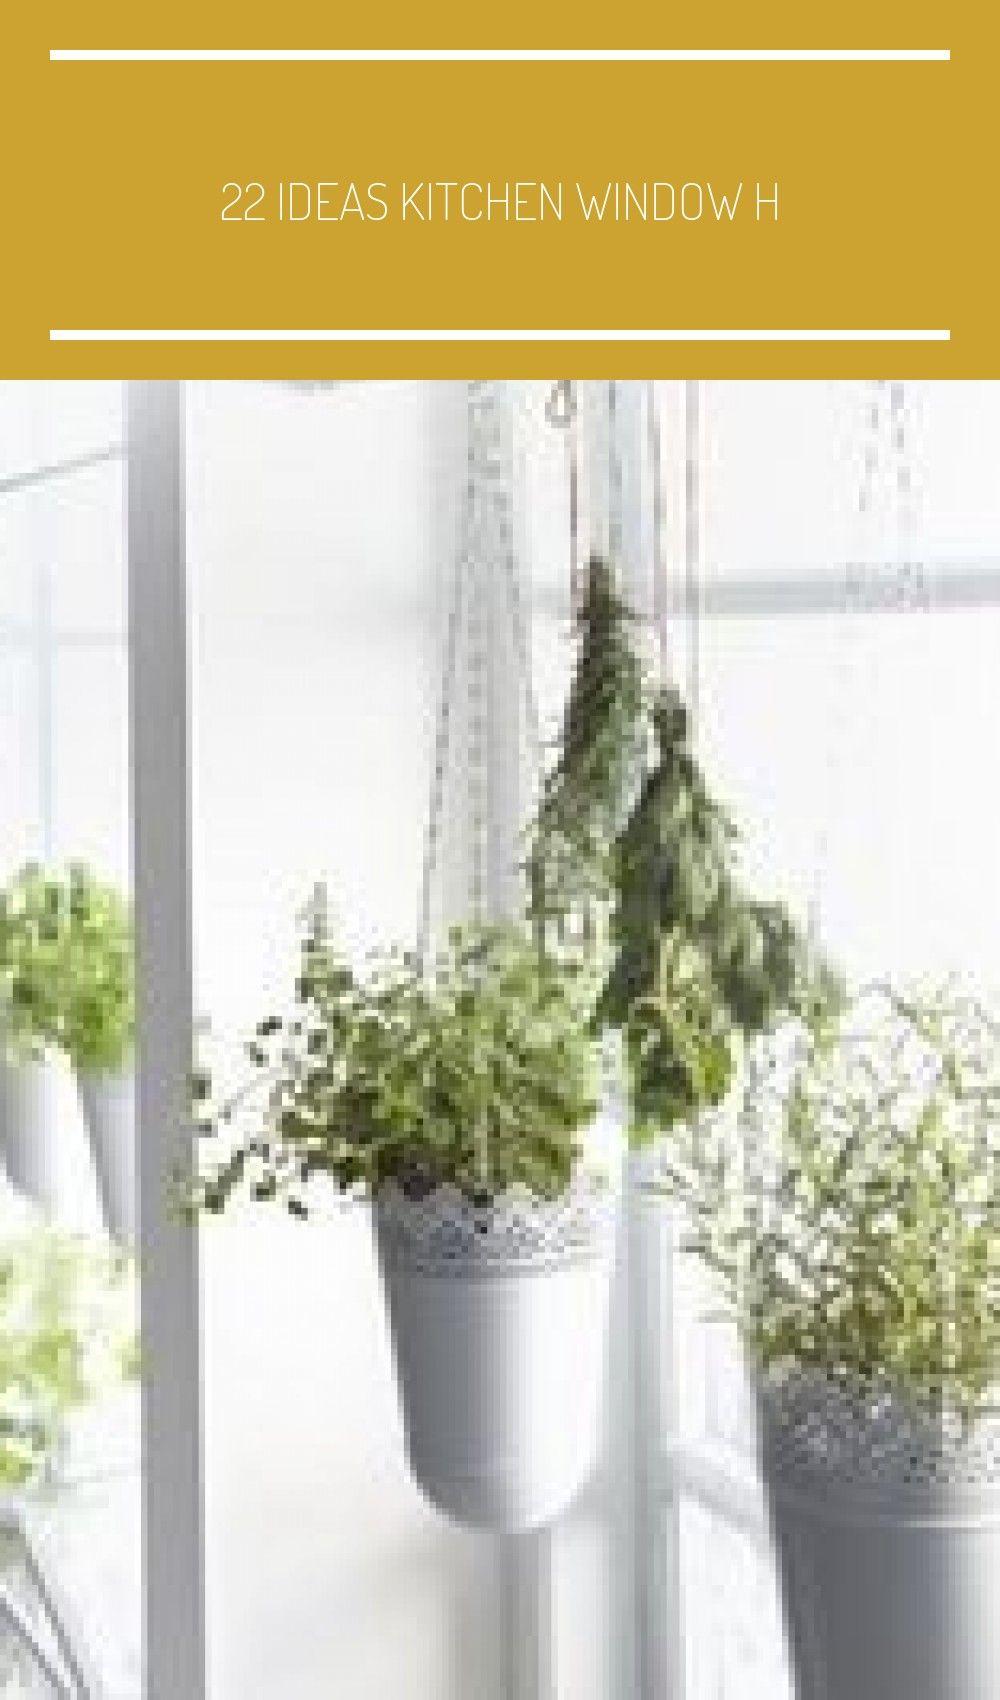 22 ideas kitchen window h #hangingherbgardens